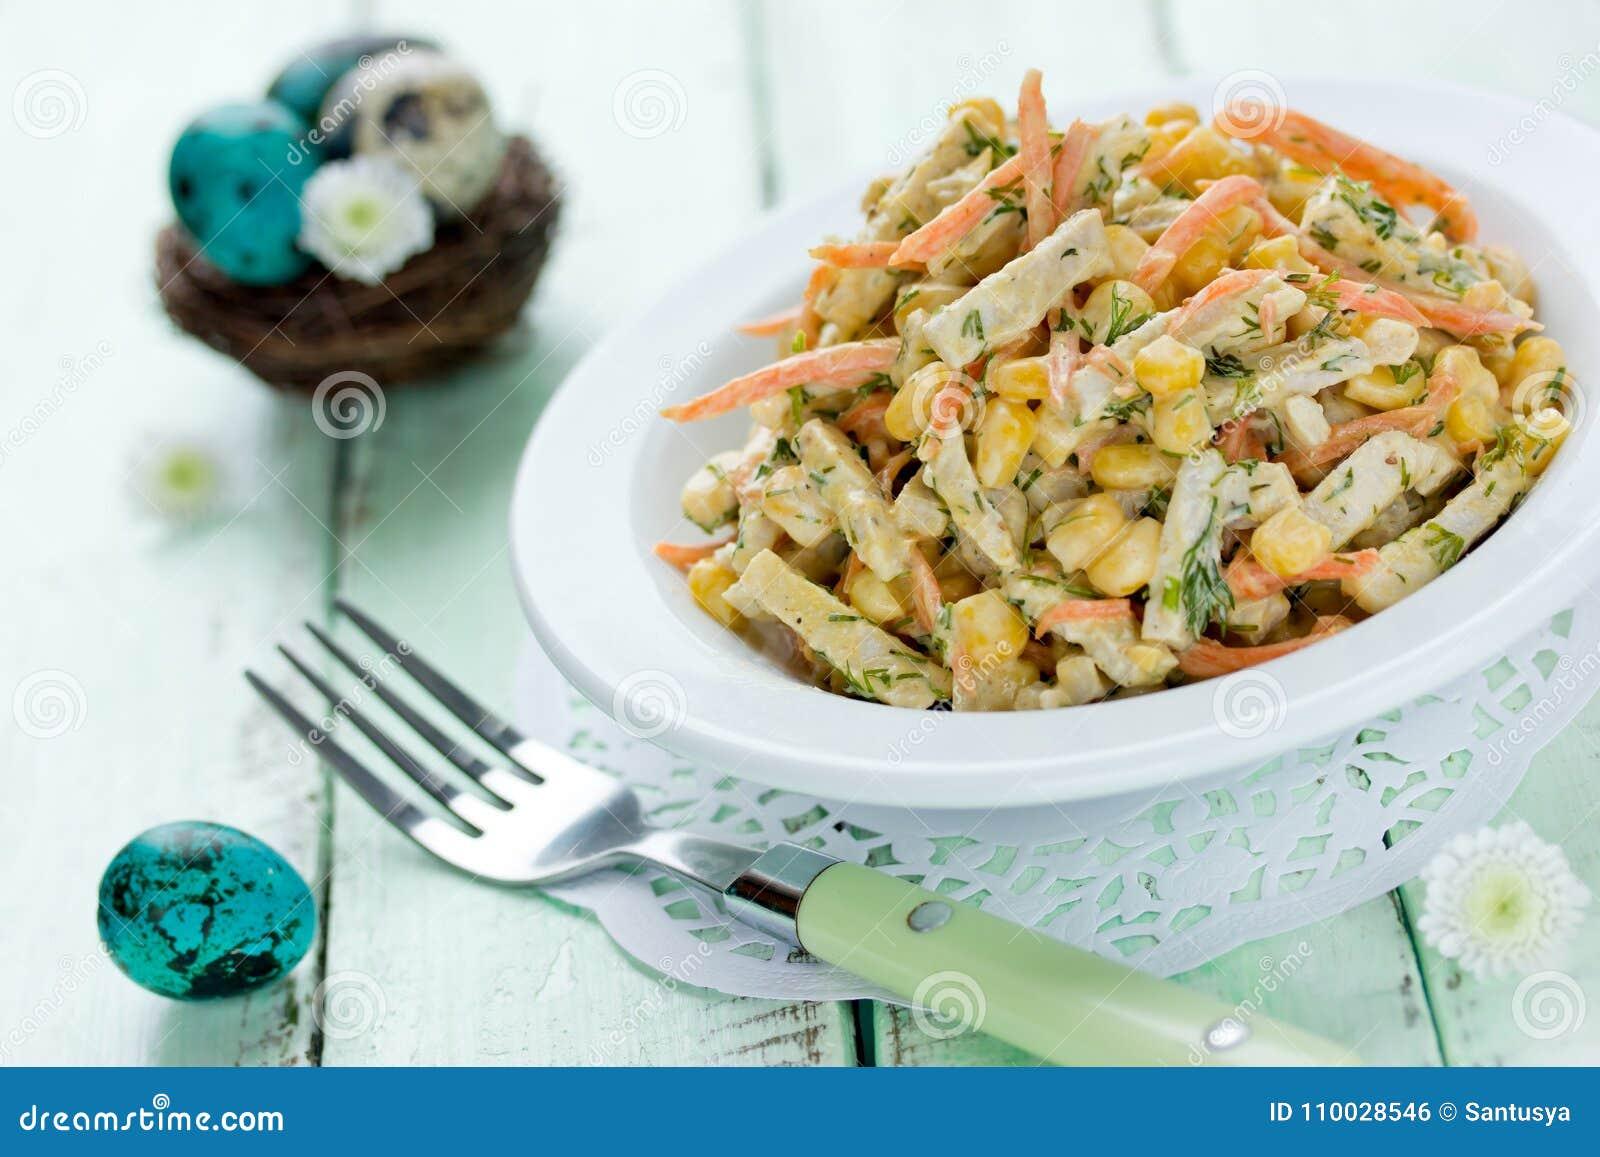 Pasen-voorgerechtrecept - gekookte kippenborst, wortel, graan